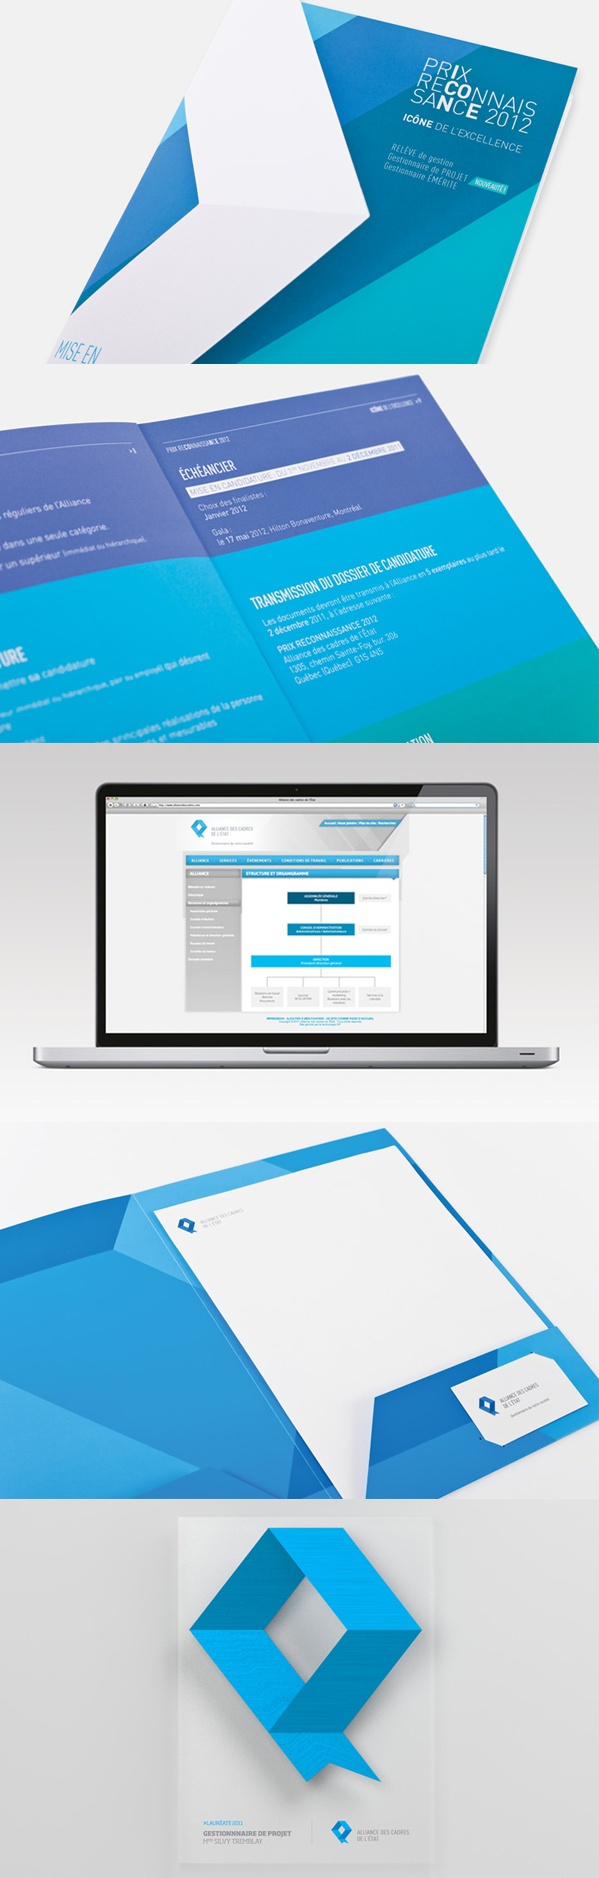 Client : Alliance des cadres de l'État - Campagne publicitaire imprimée, design graphique, design industriel, image de marque, outils corporatif, site web.